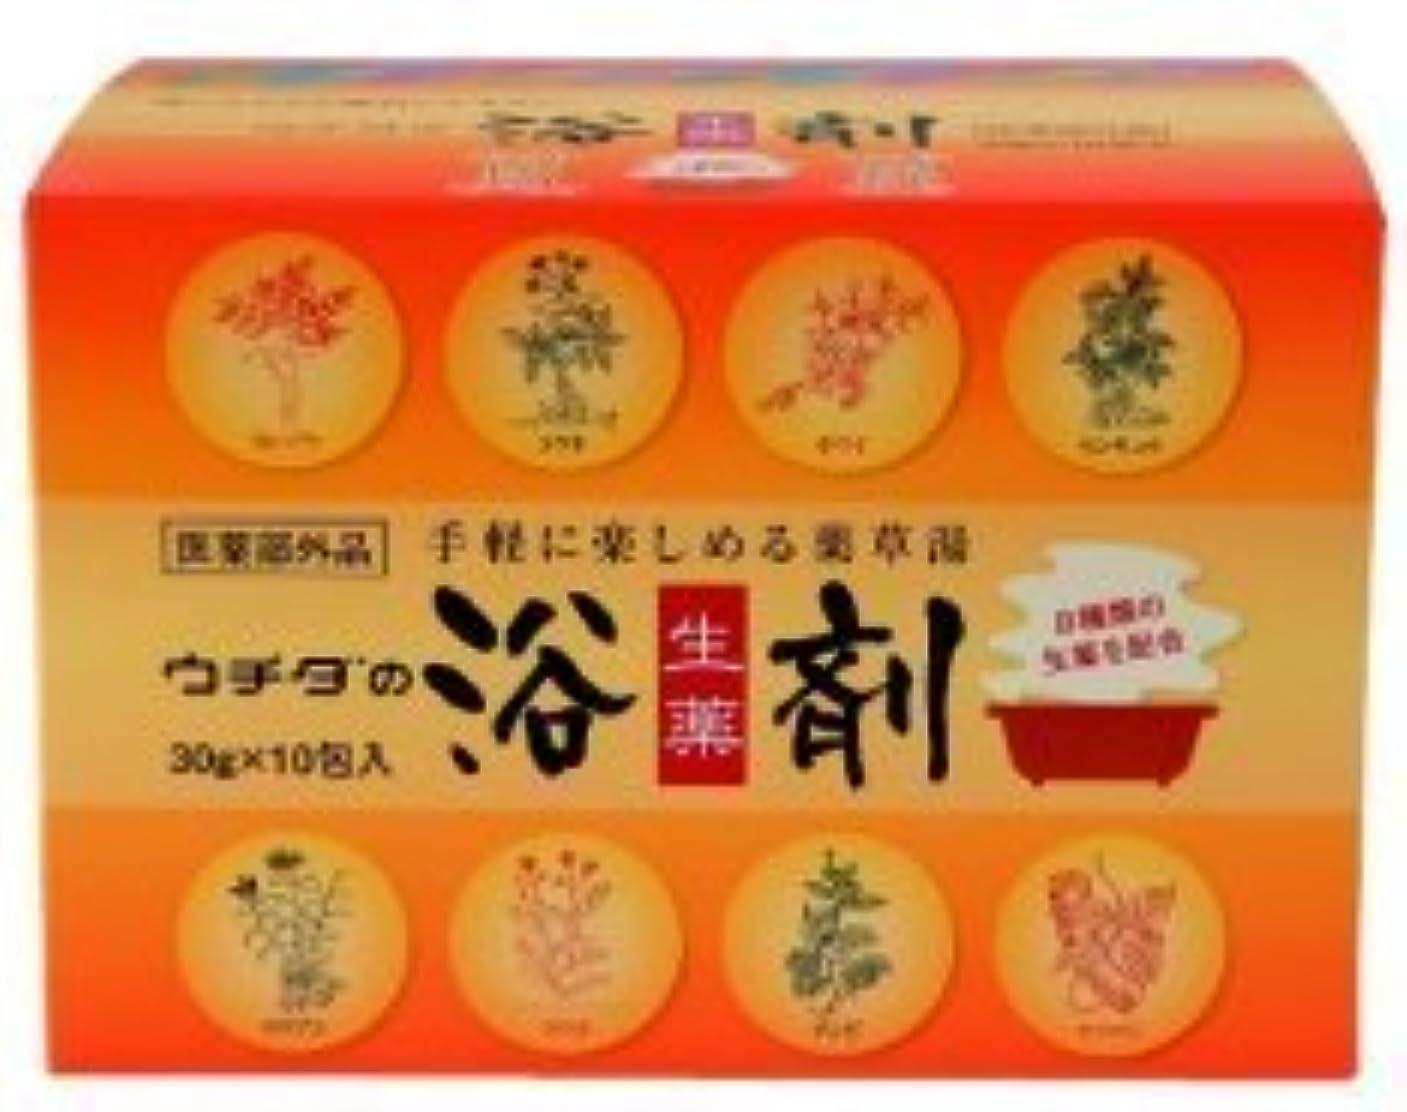 スカート可動式カールウチダの 生薬浴剤 30g×10包 【医薬部外品】